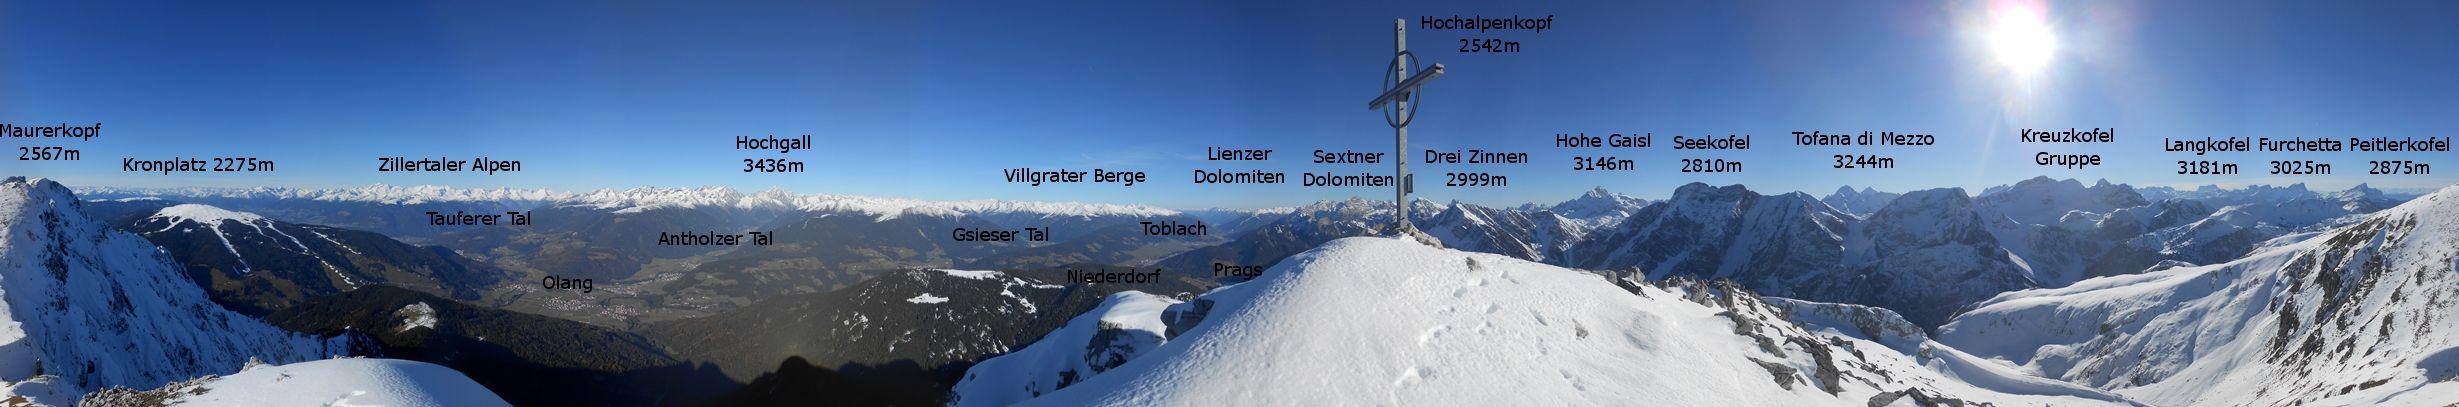 Panorama_Hochalpenkopf